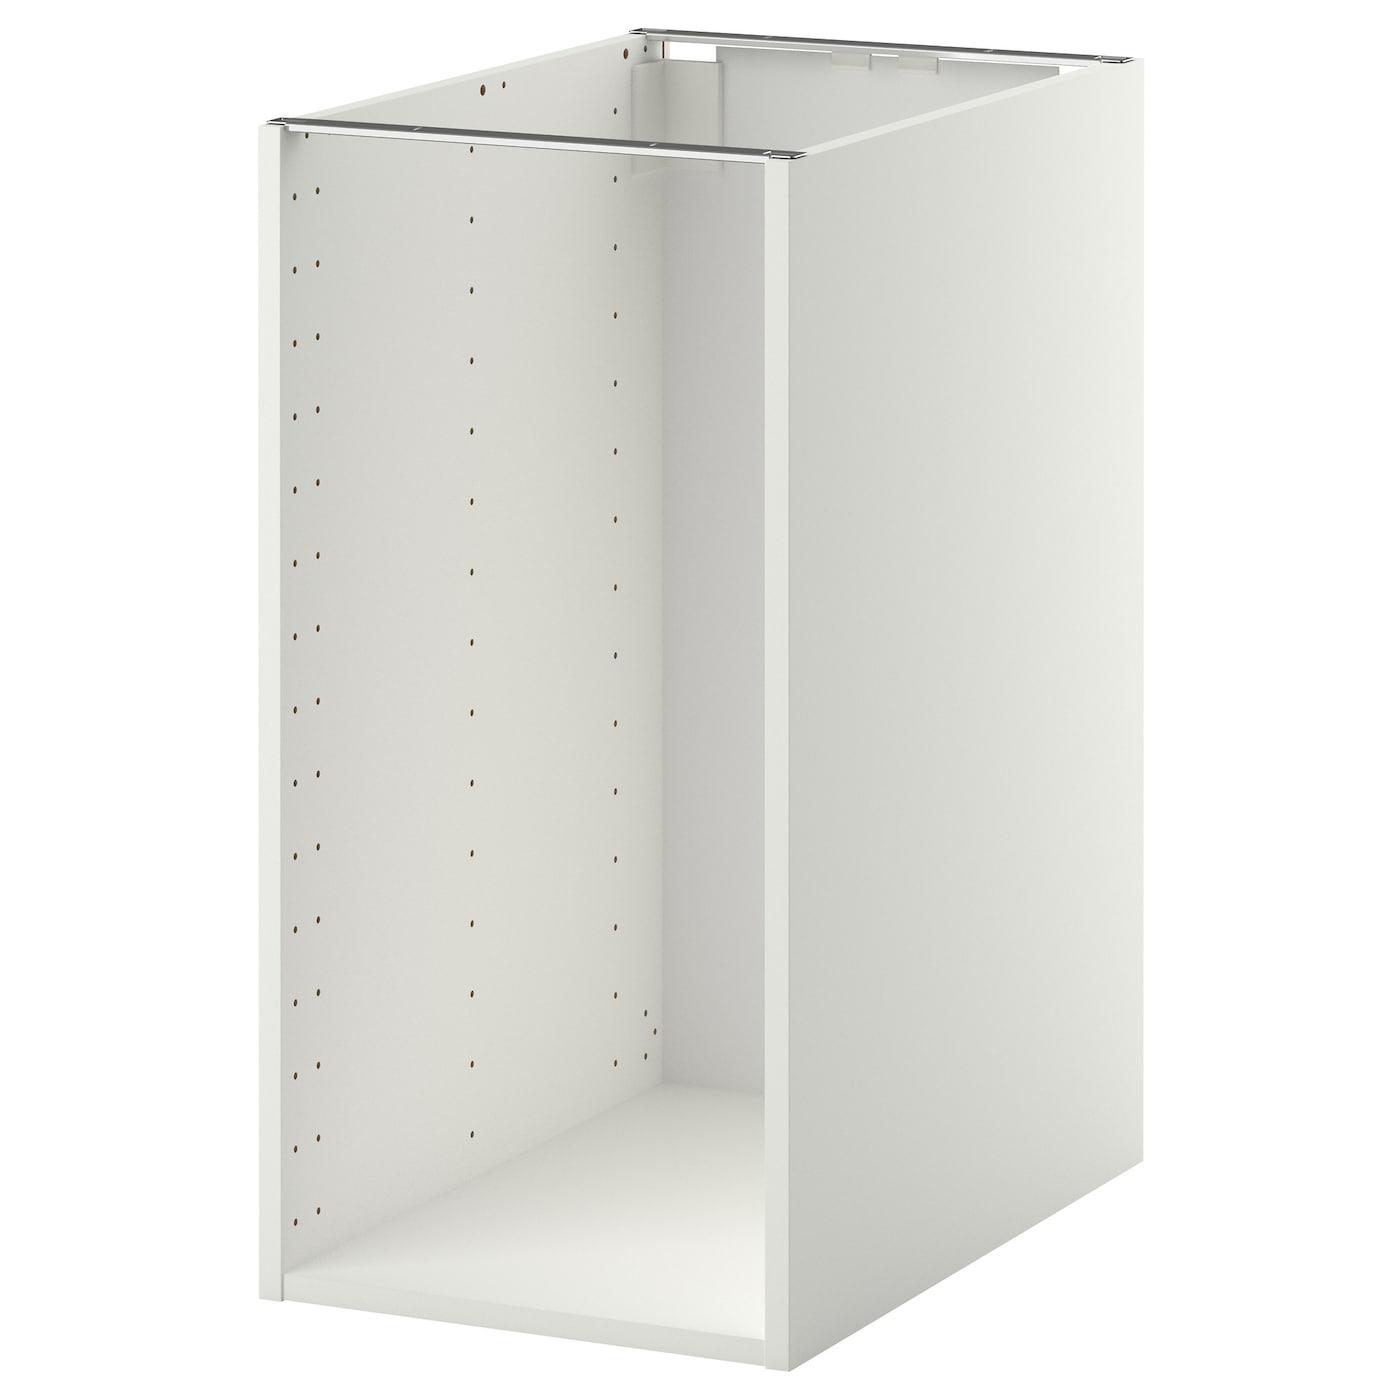 metod estructura armario bajo blanco 40 x 60 x 80 cm ikea